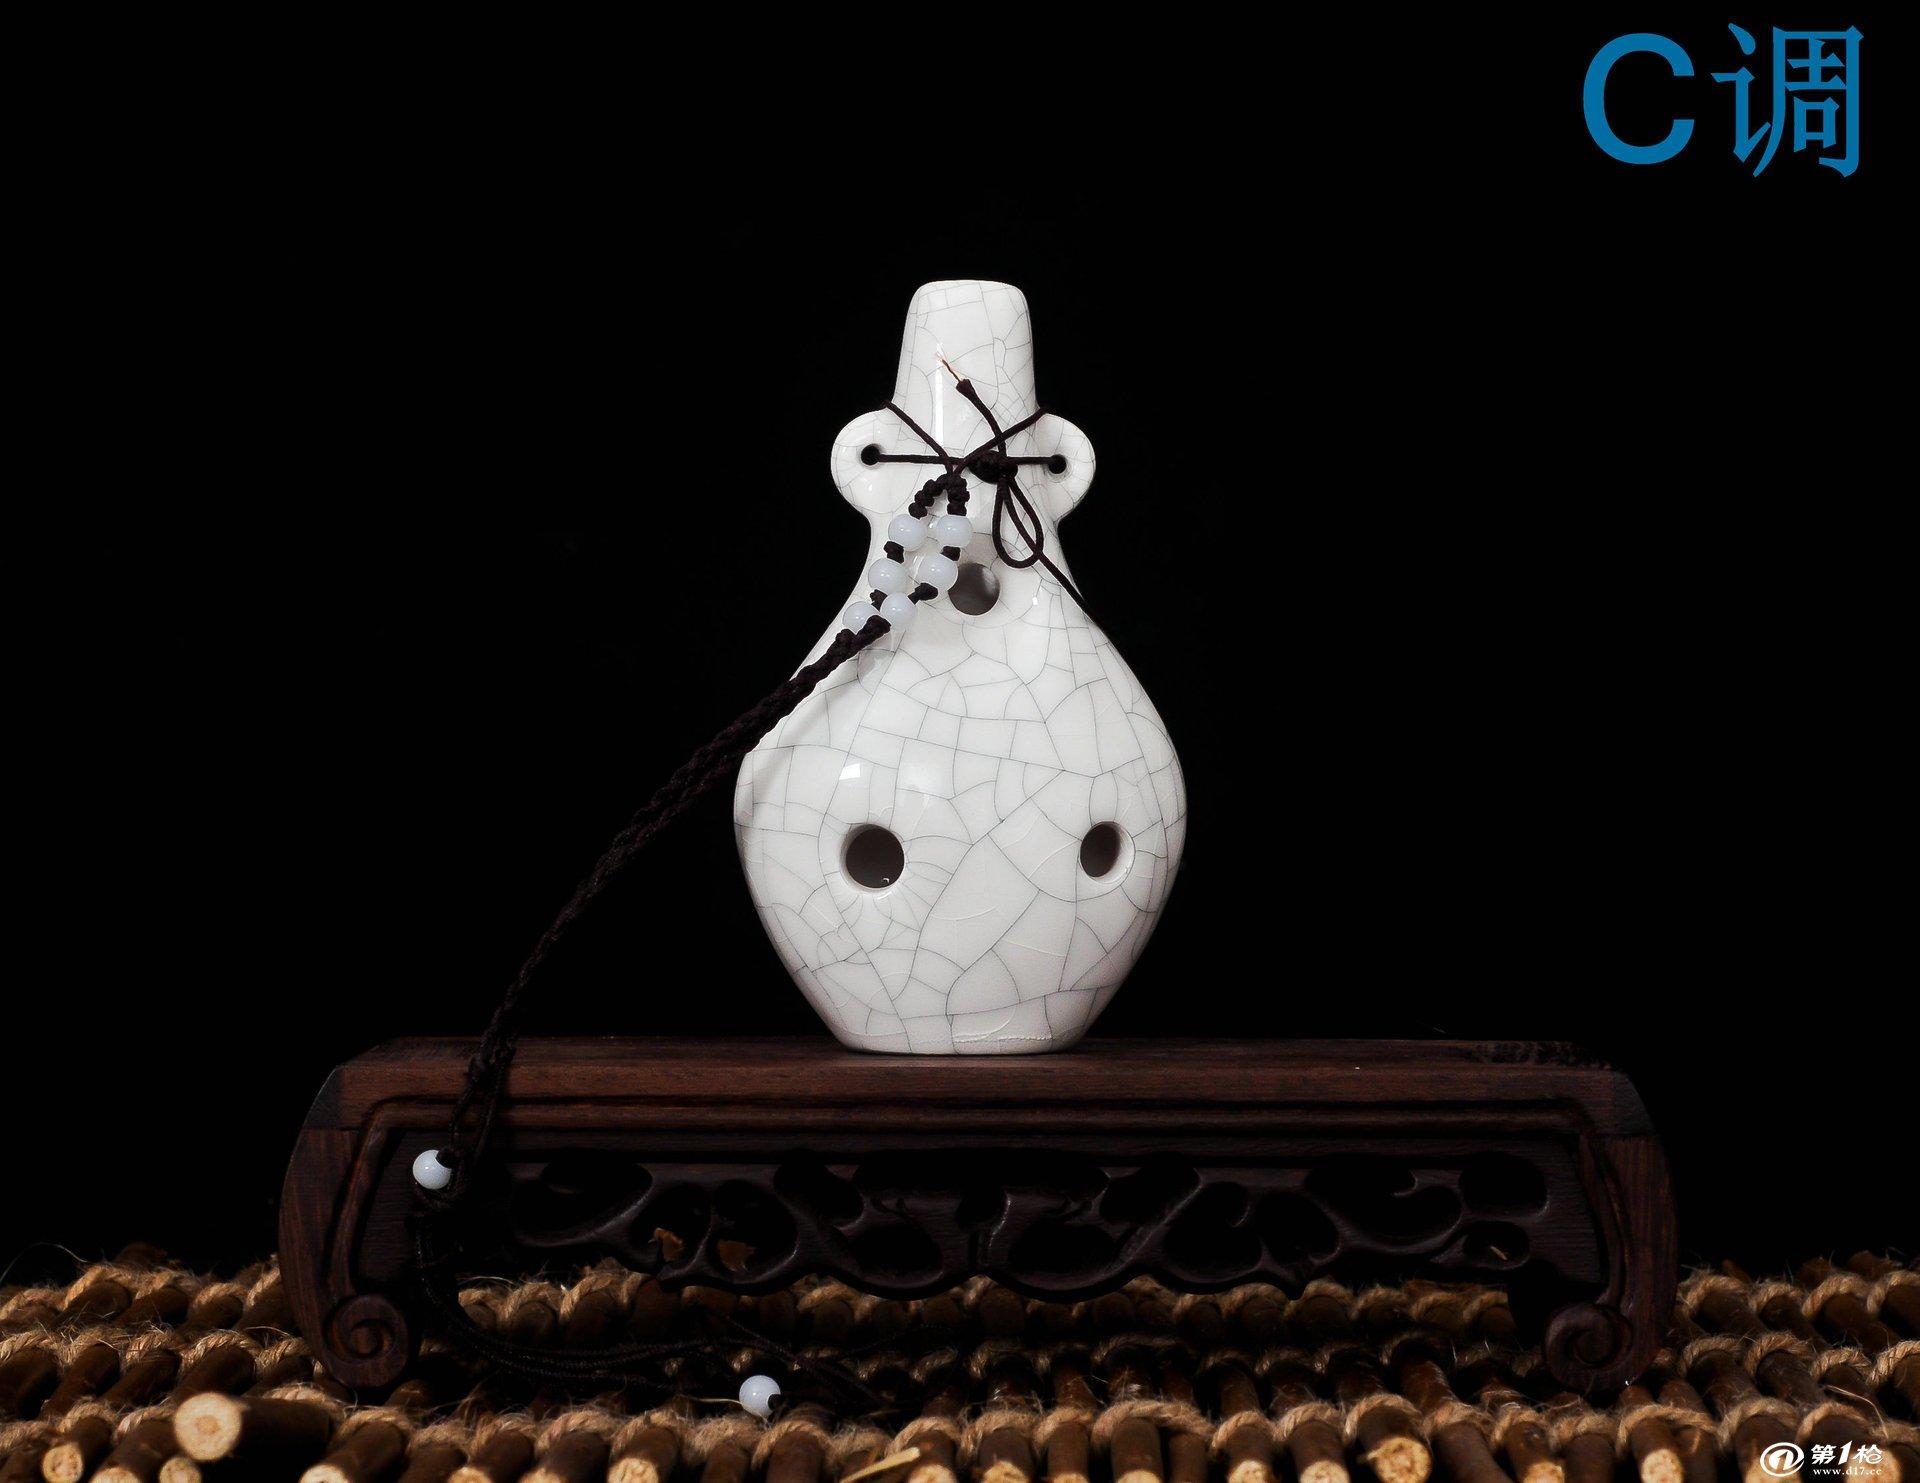 六孔陶笛 陶瓷名族乐器 c调精品6孔陶瓷乐器 送曲谱  【特点】:宝贝采